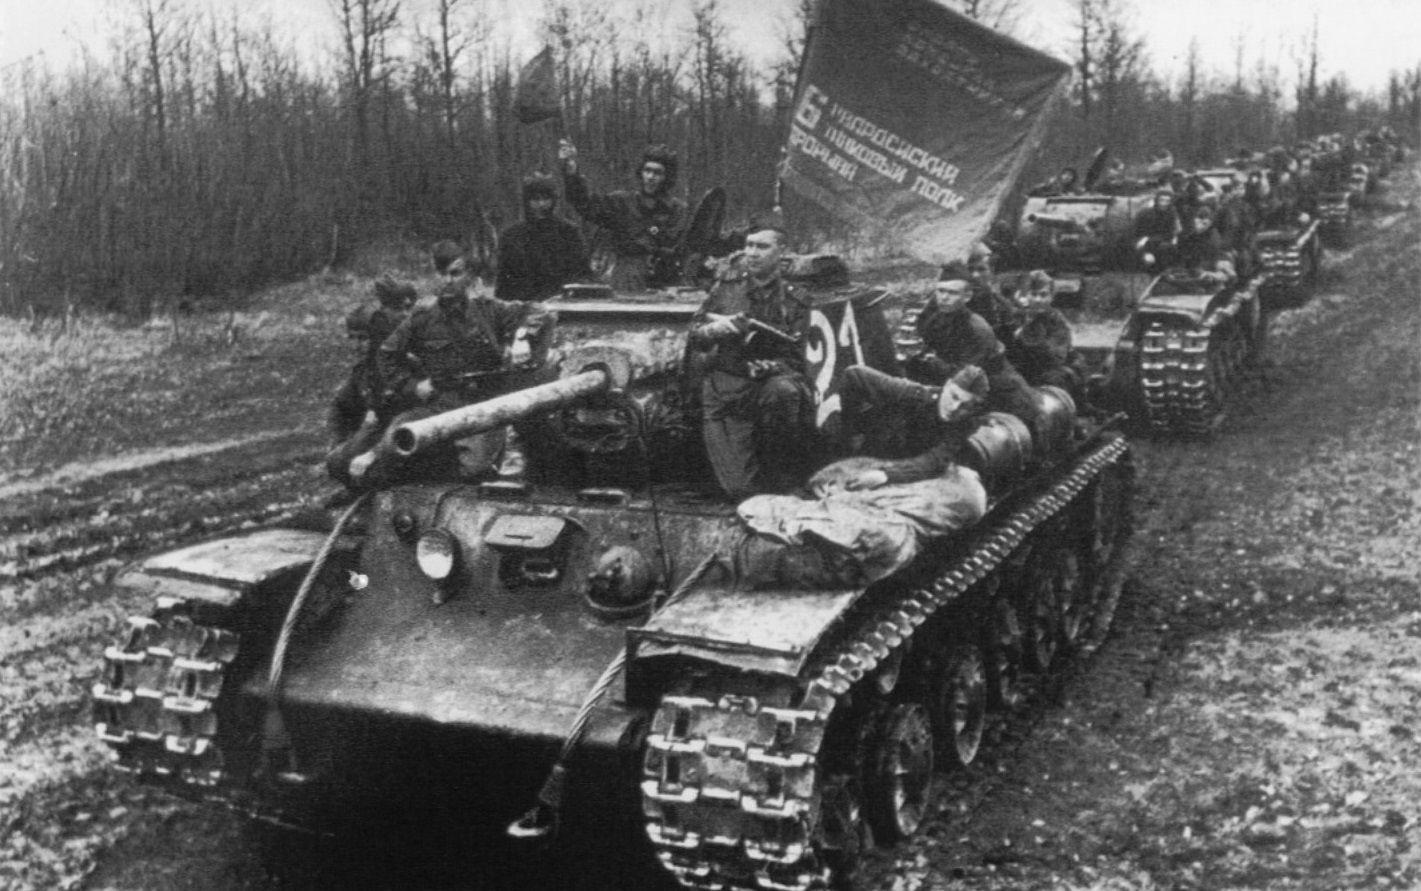 Советские танки КВ-1С перед маршем. Район Крымской, апрель 1943 года